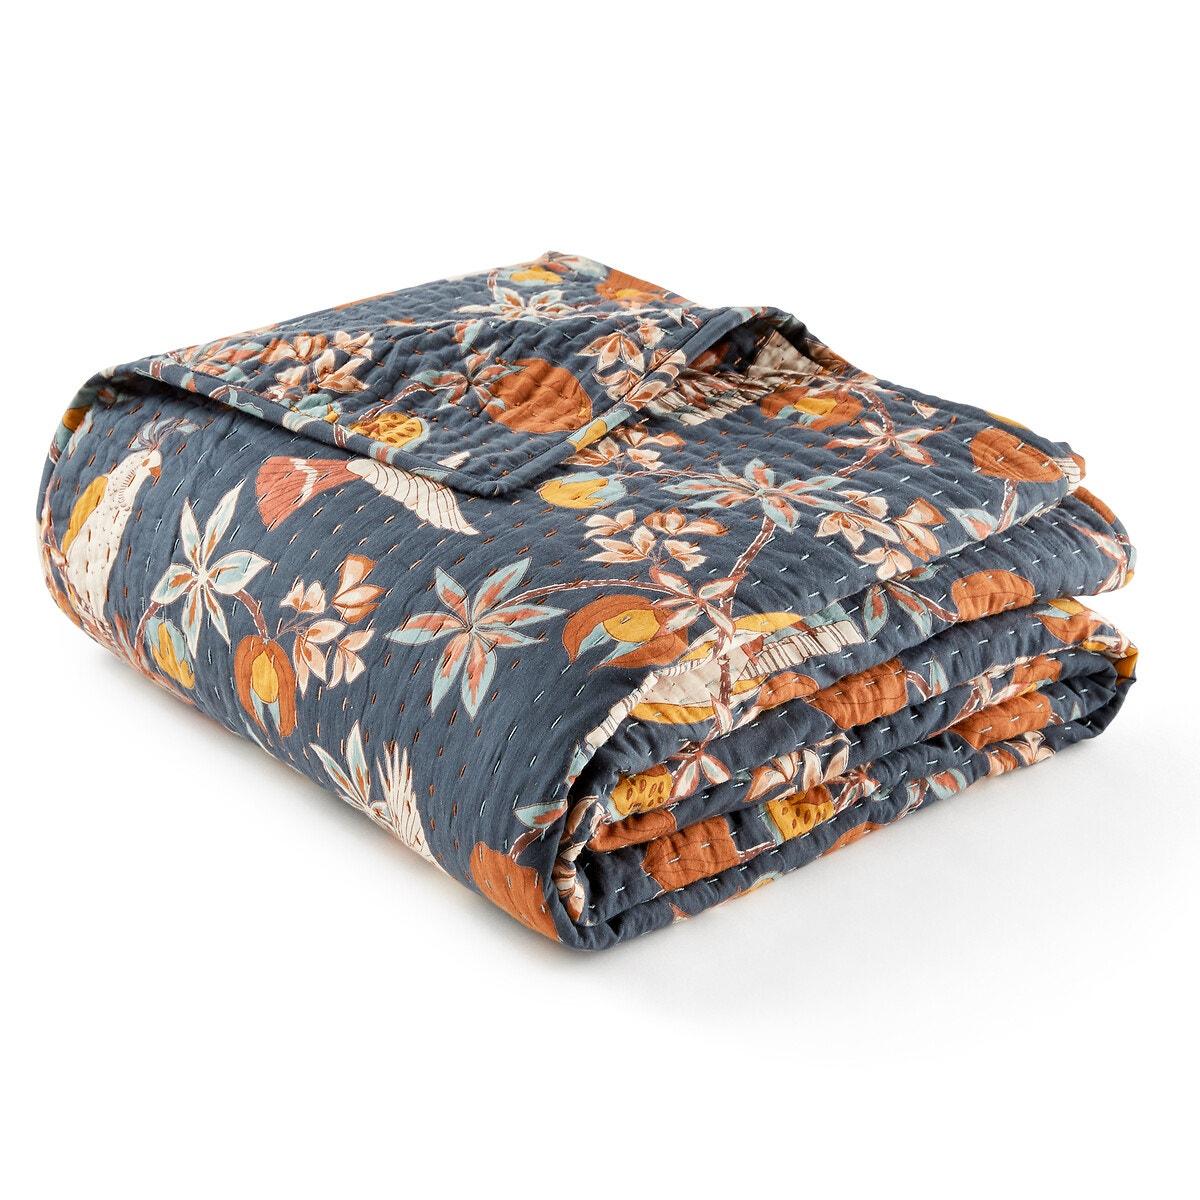 Letti カンタ刺繍 コットンボイル プリントベッドスプレッド